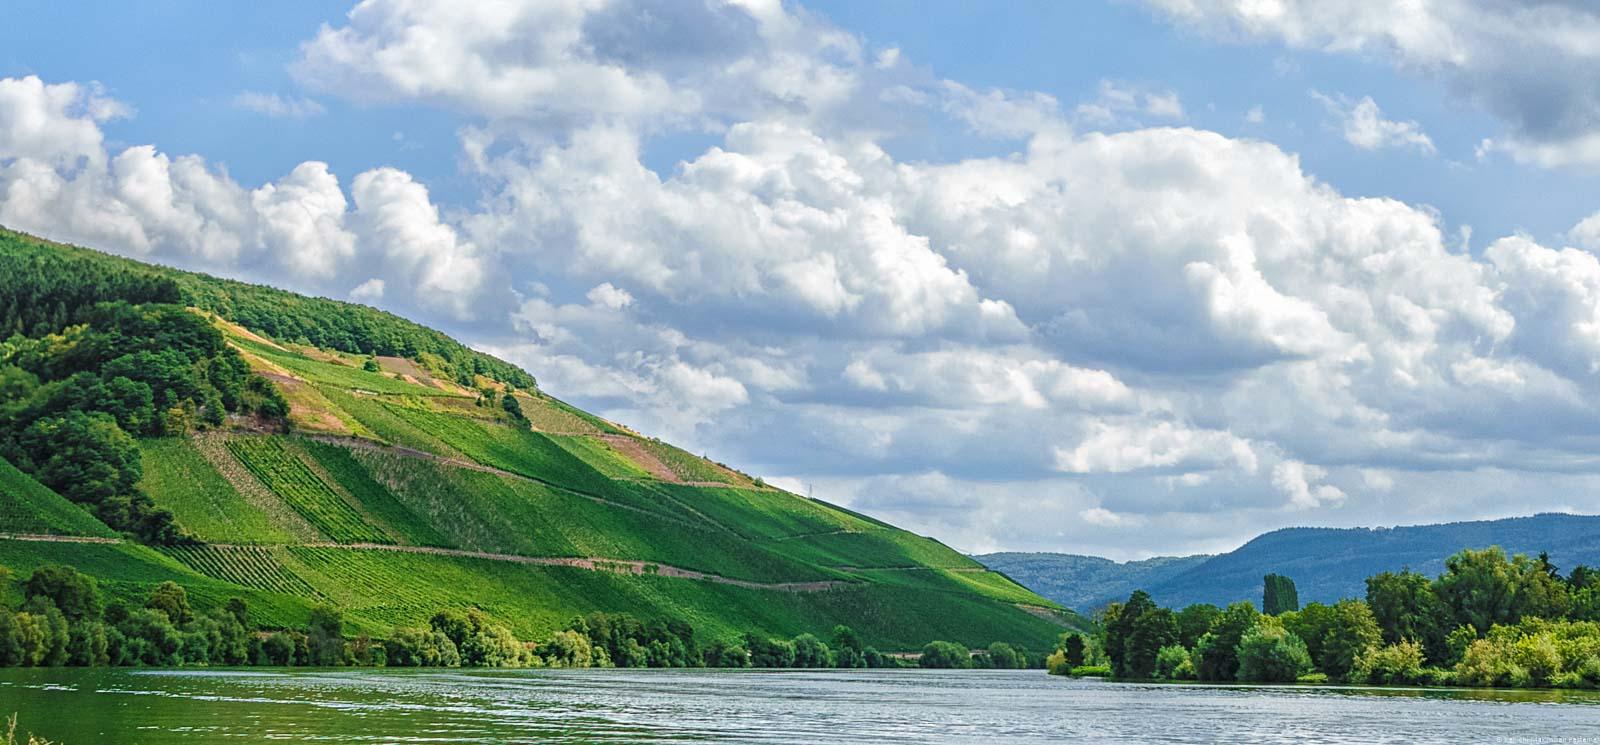 Vorne ist der Fluss Mosel; Dahinter liegen Weinberge. Links oben erkennt man den Longuicher Herrenberg.